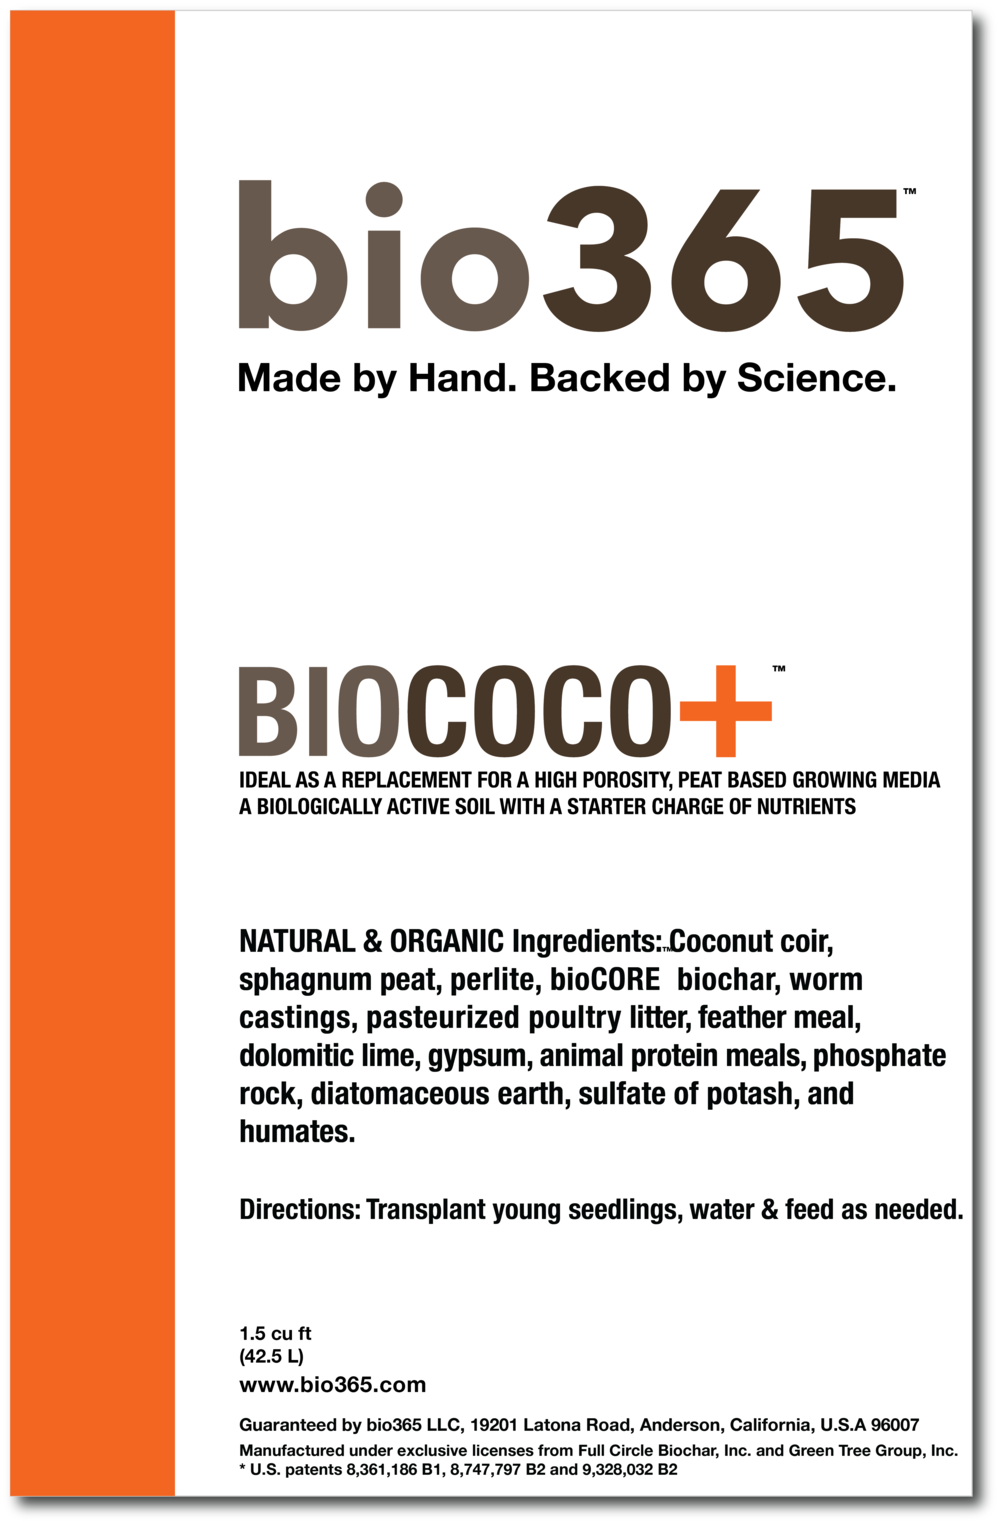 bioCOCO+